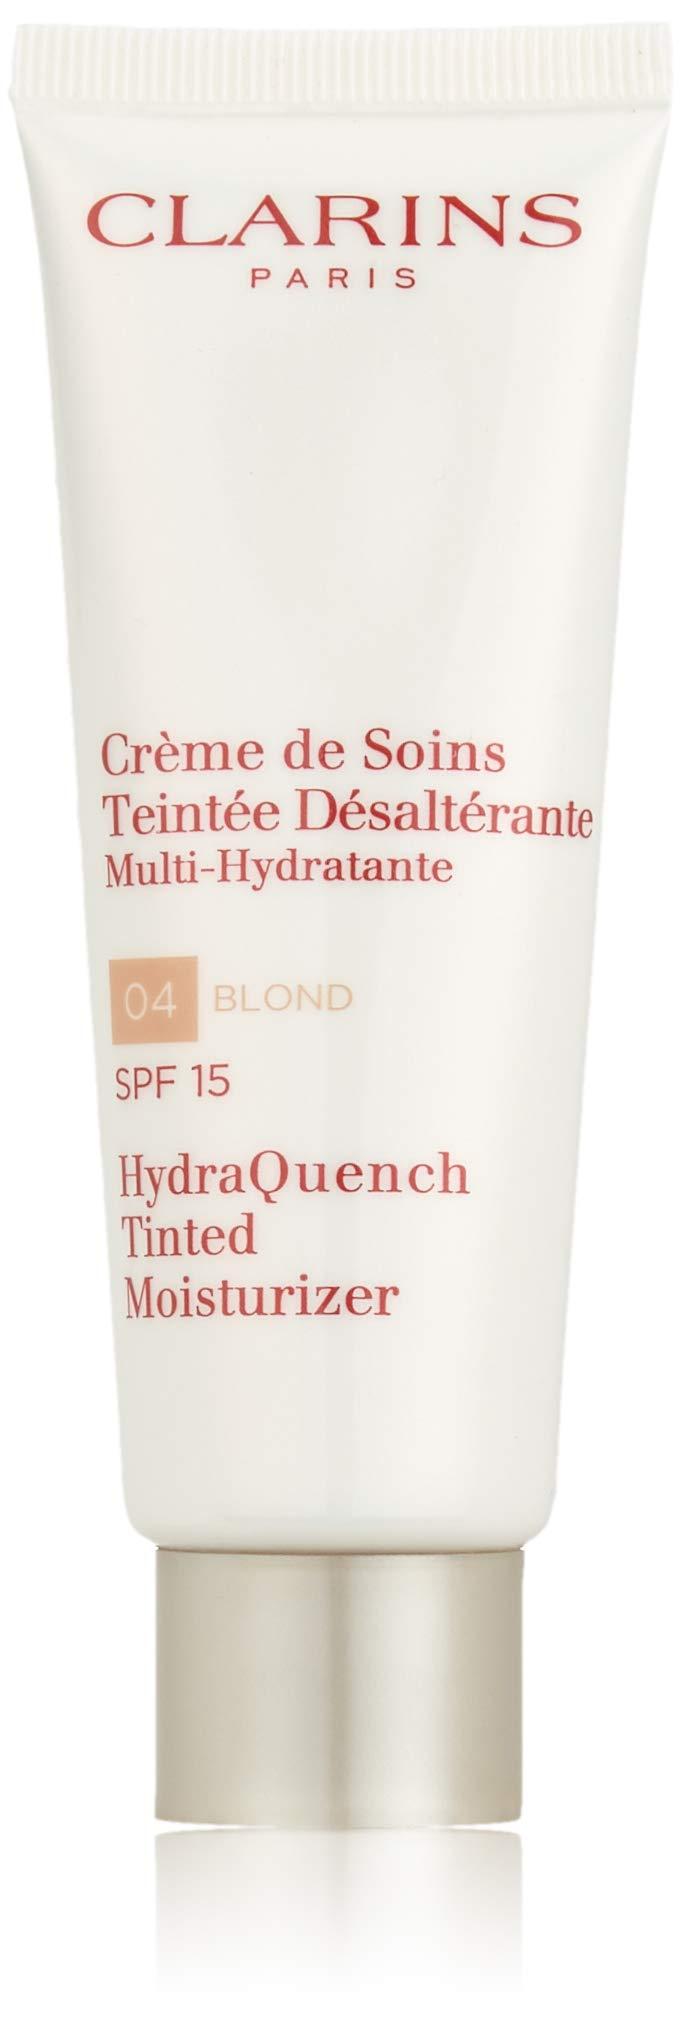 Clarins - HydraQuench Tinted Moisturizer SPF 15 - # 04 Blond - 50ml/1.8oz